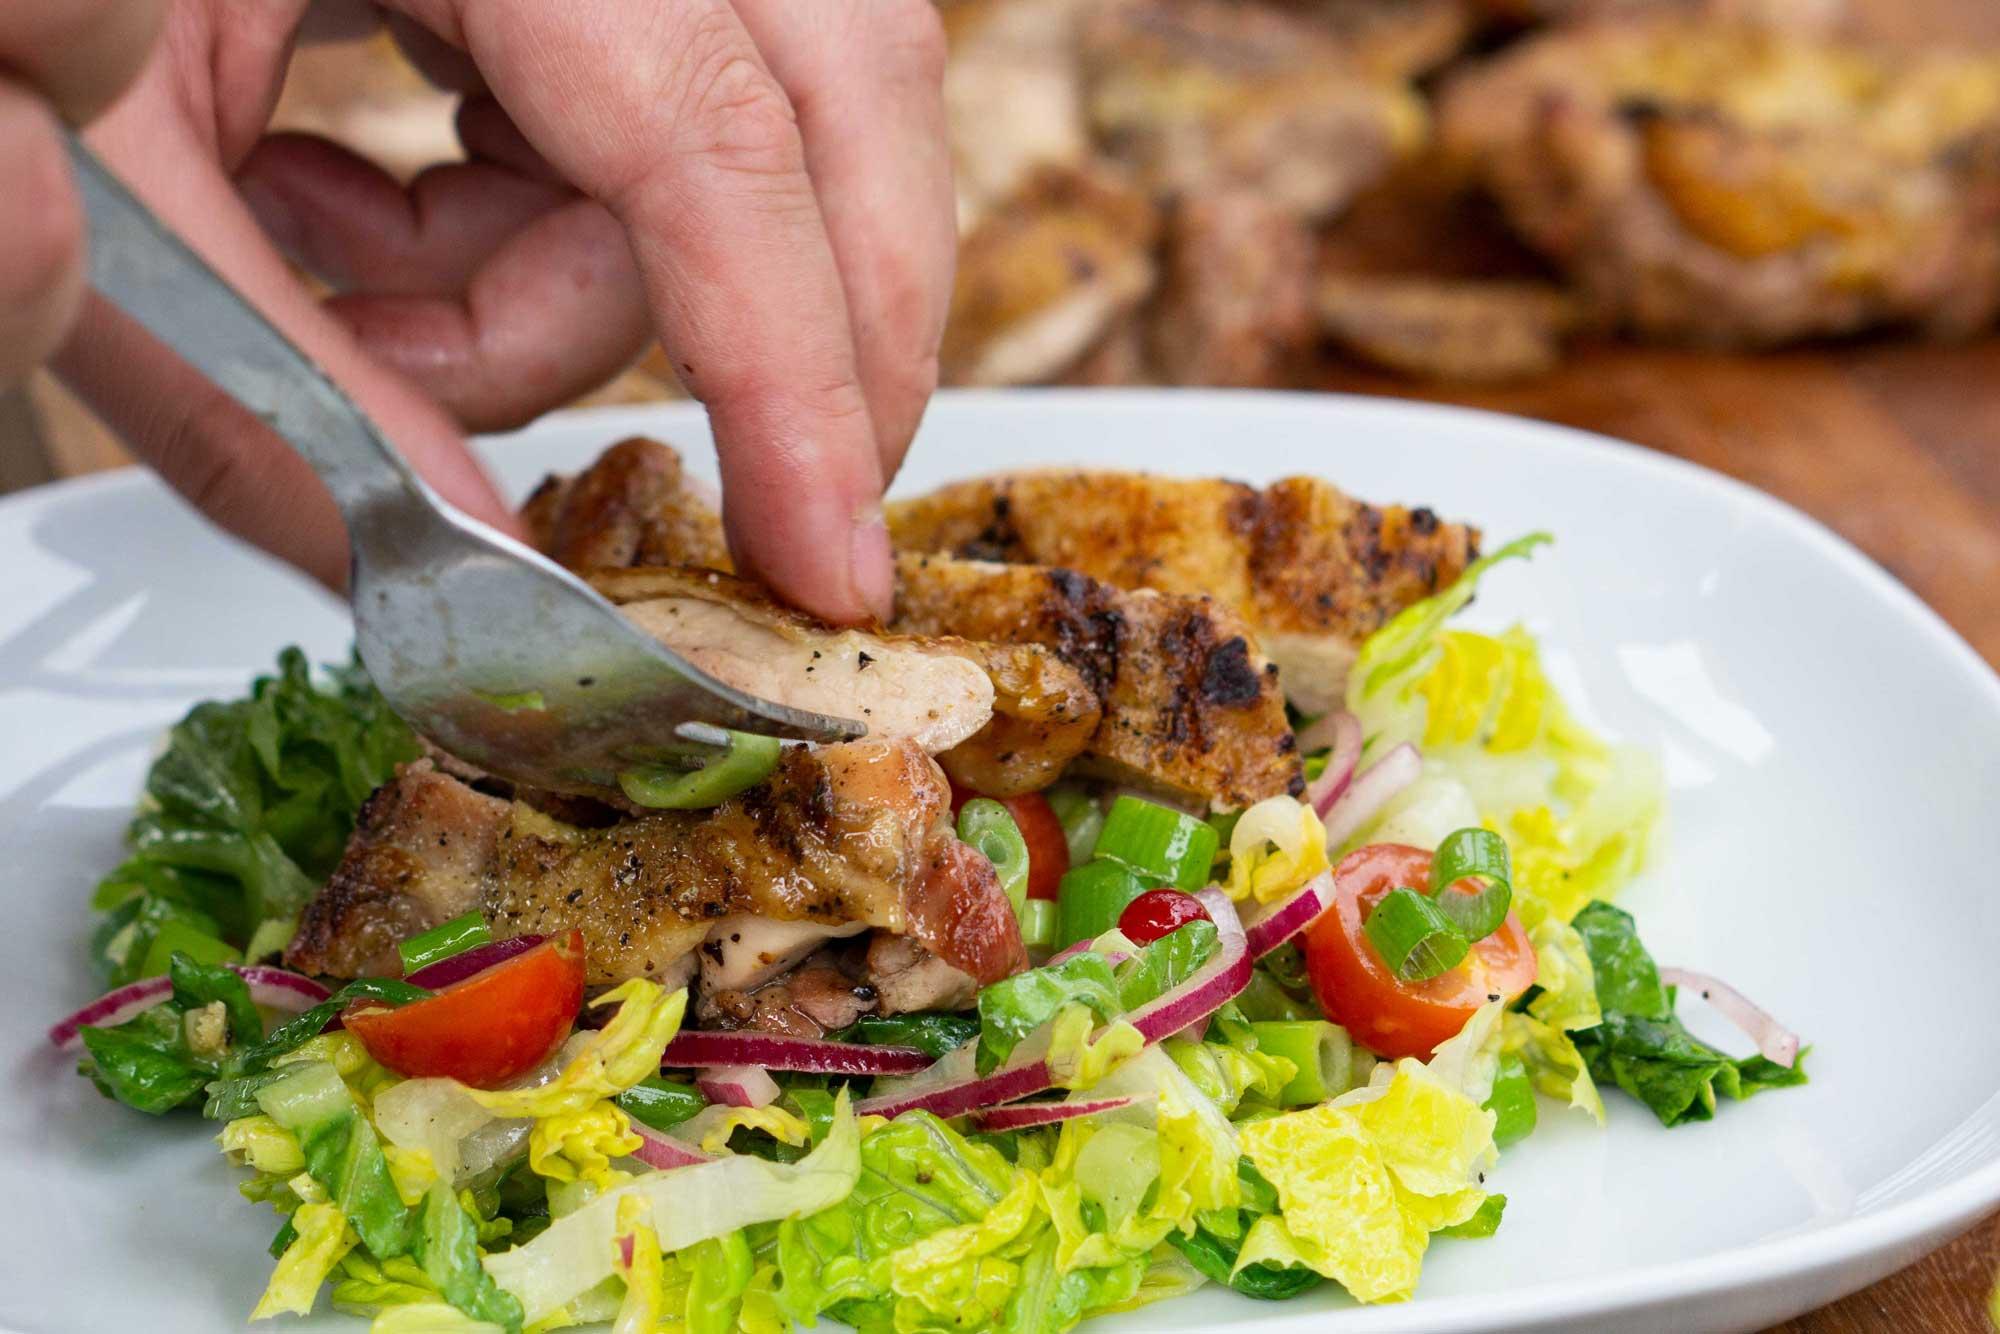 Gegrillte Hähnchen Steaks werden in Tranchen geschnitten und auf dem Salat platziert.